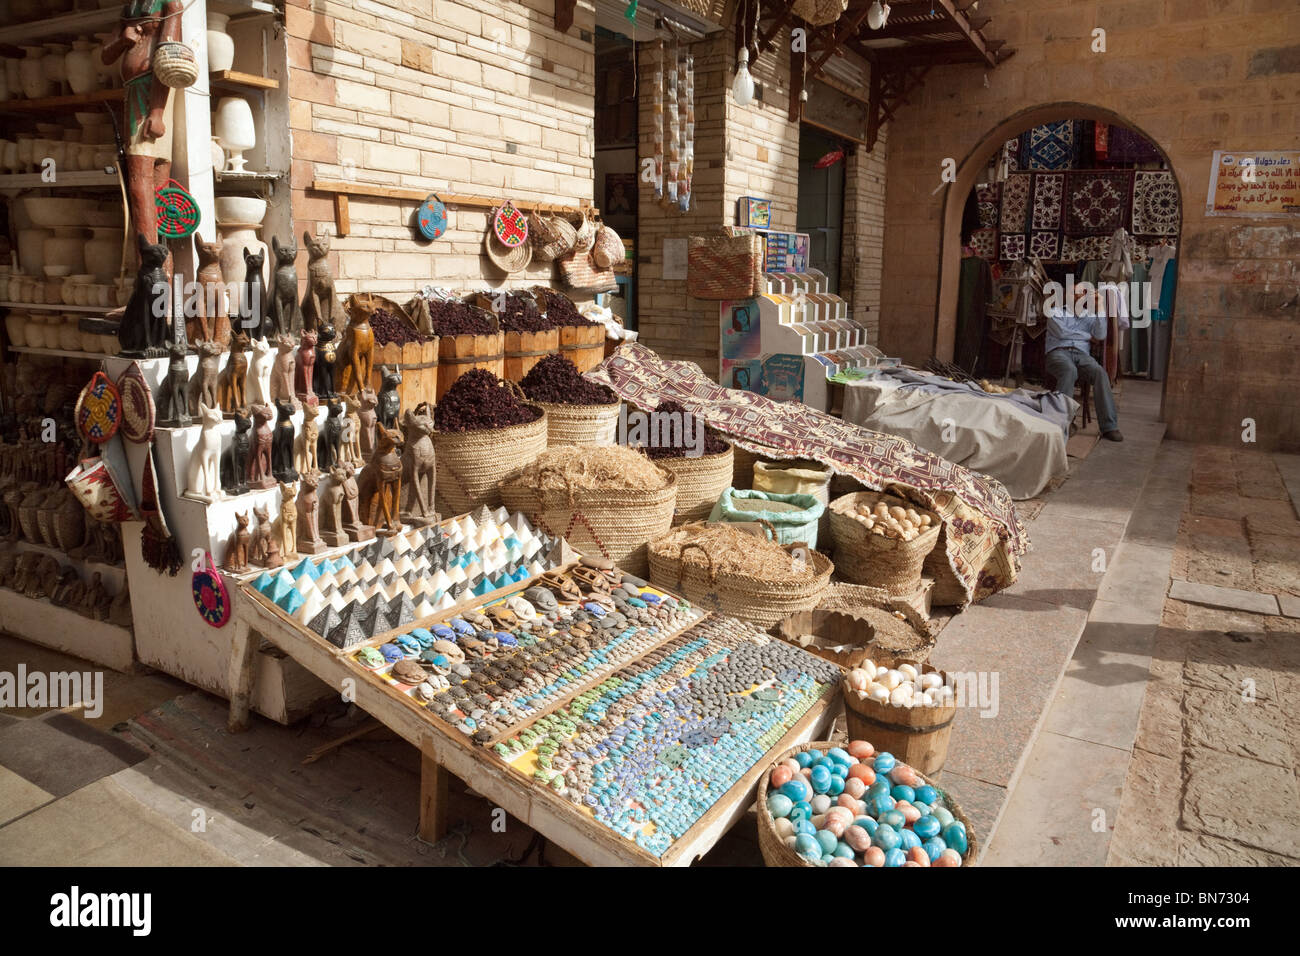 Scene from Aswan market, Aswan, Upper Egypt - Stock Image